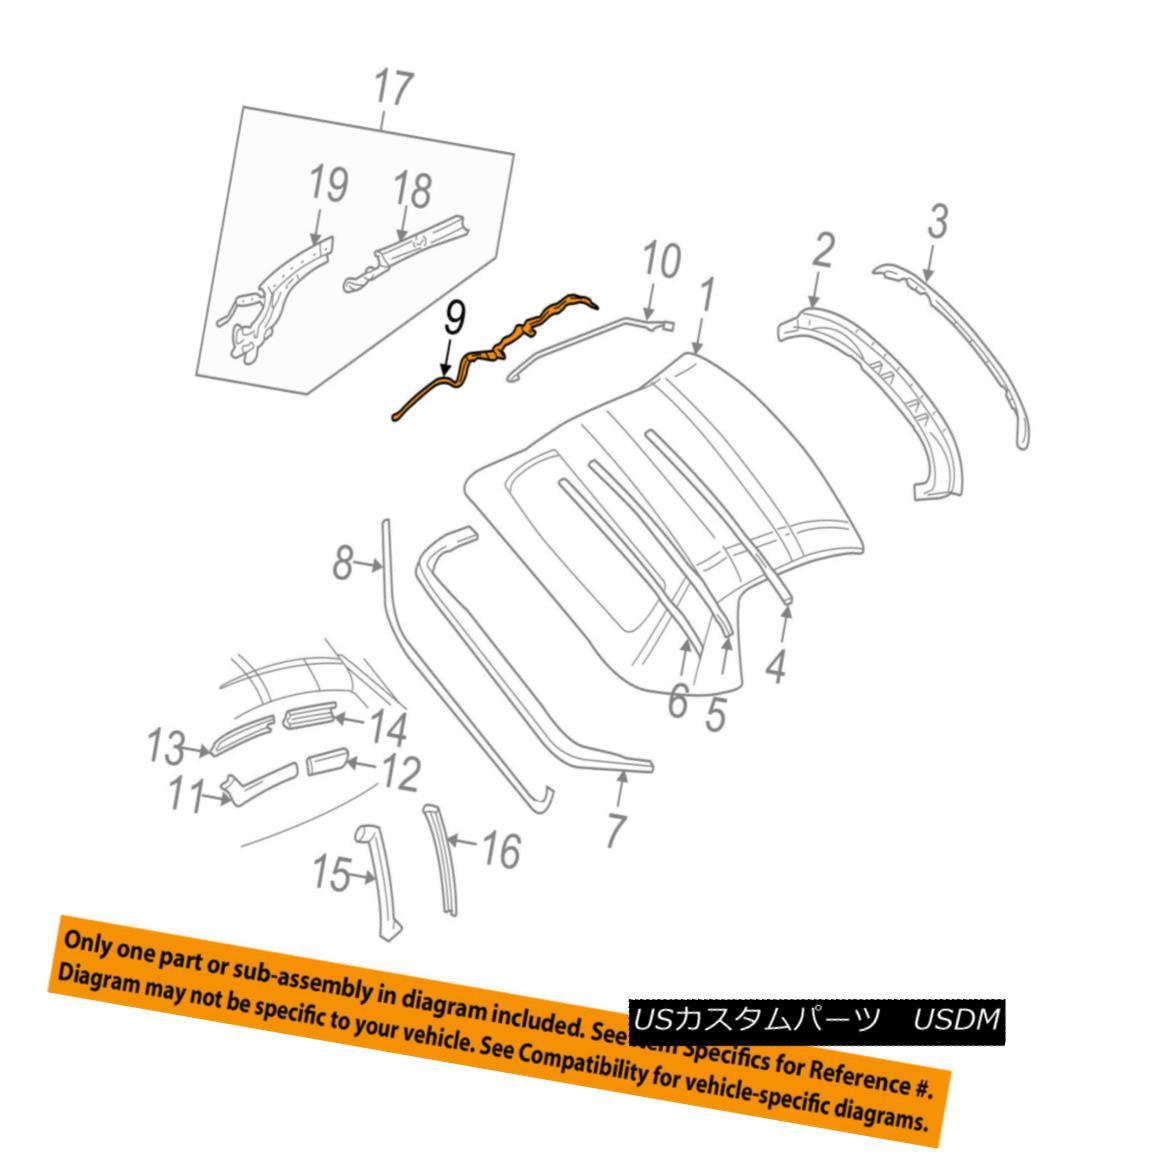 幌・ソフトトップ Chevrolet GM OEM 98-04 Corvette Convertible/soft Top-Link 88955142 シボレーGM OEM 98-04コルベットコンバーチブル/ so ftトップリンク88955142